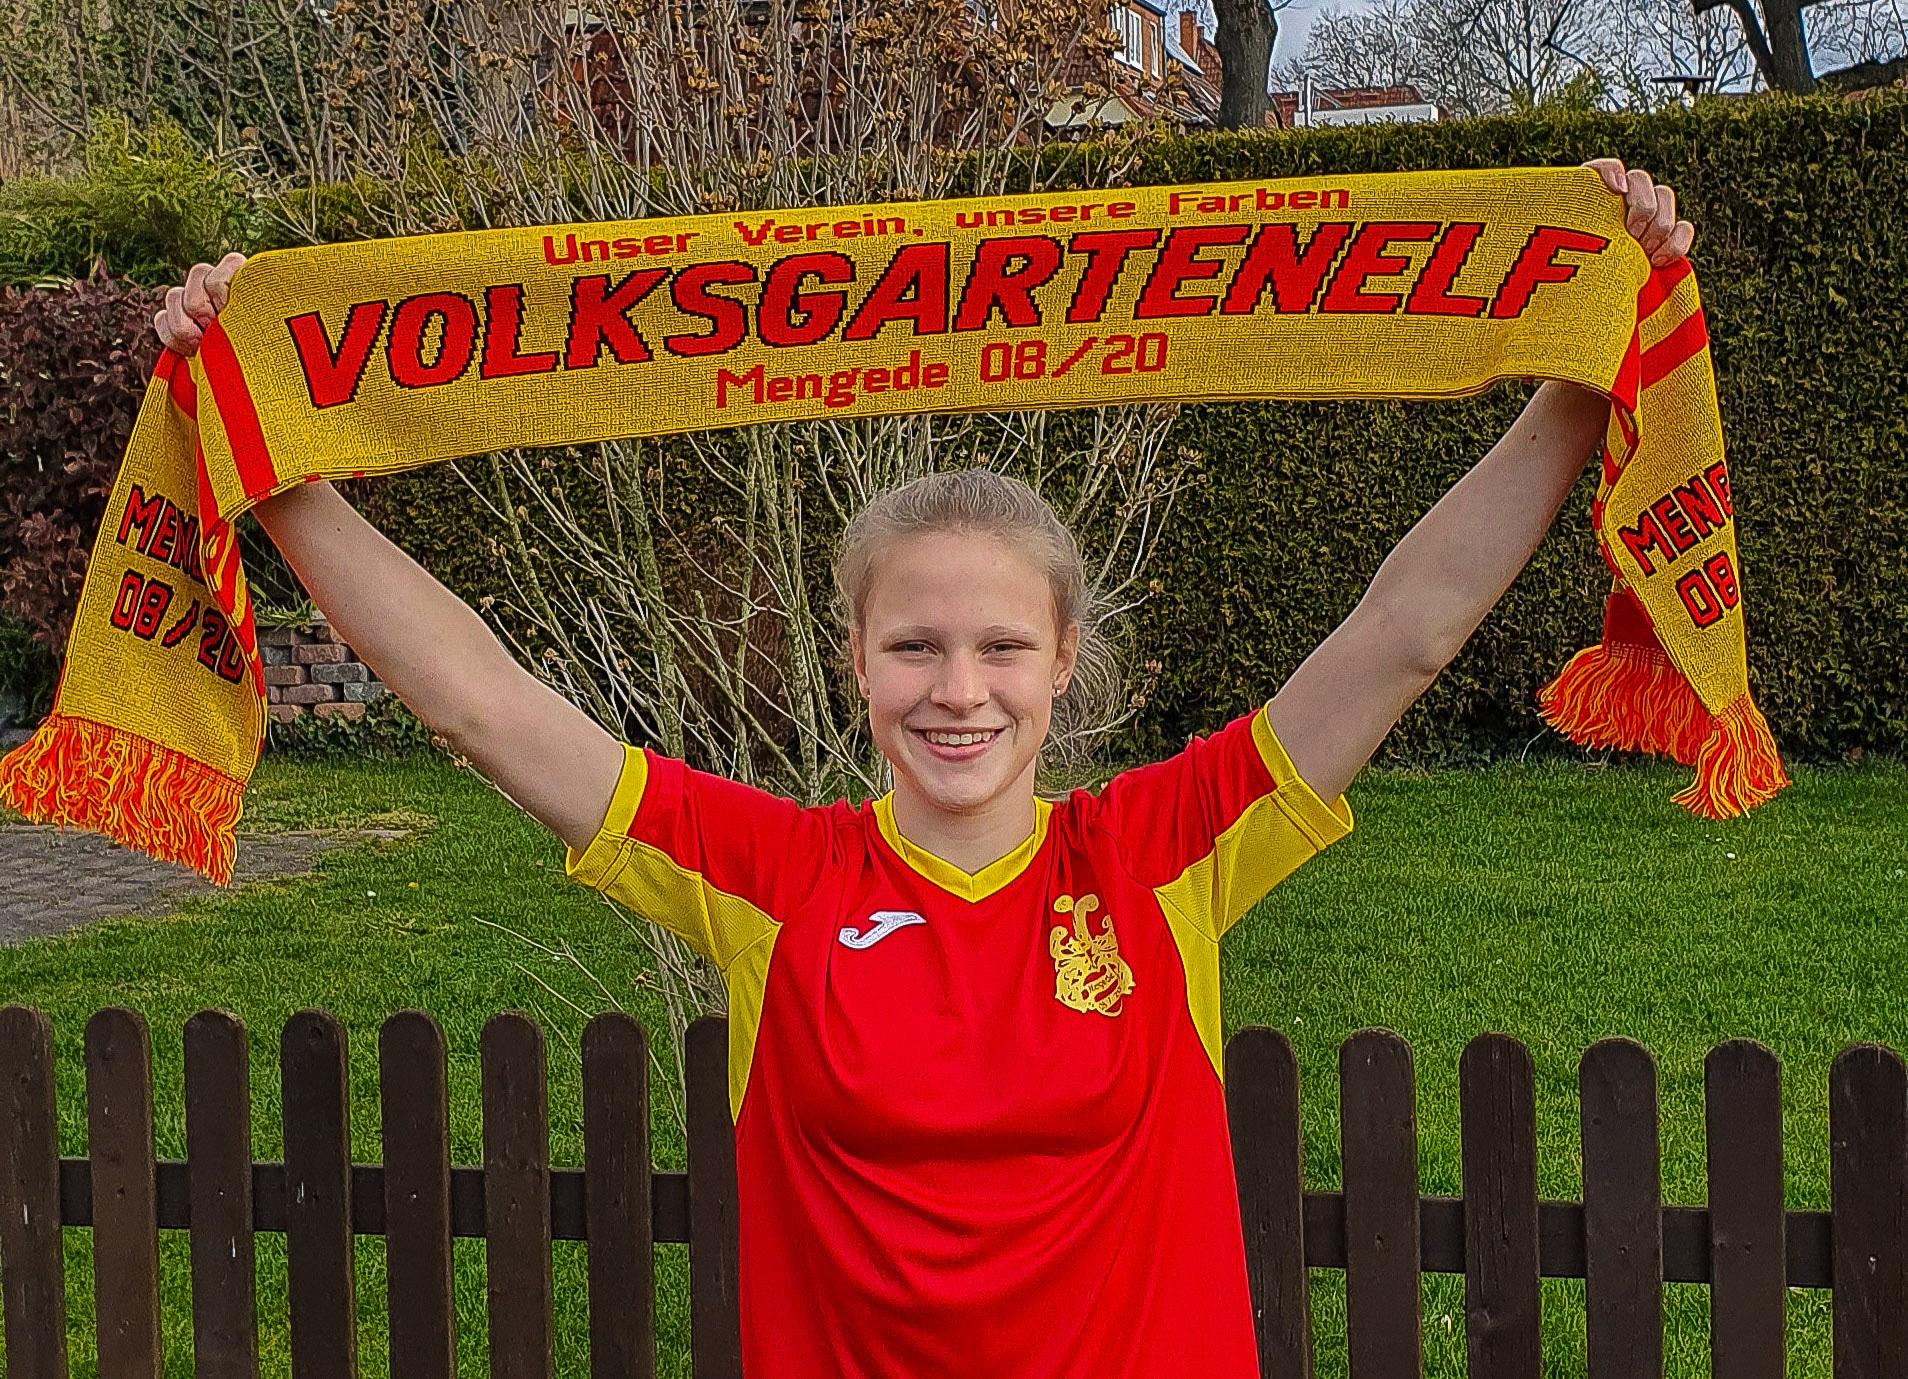 Die Jugendspielerin Nina Zimmer im Trikot ihres ehemaligen Vereins Mengede 08/20. Der passende Fanschal durfte dabei auch nicht fehlen.(Fotos: privat)